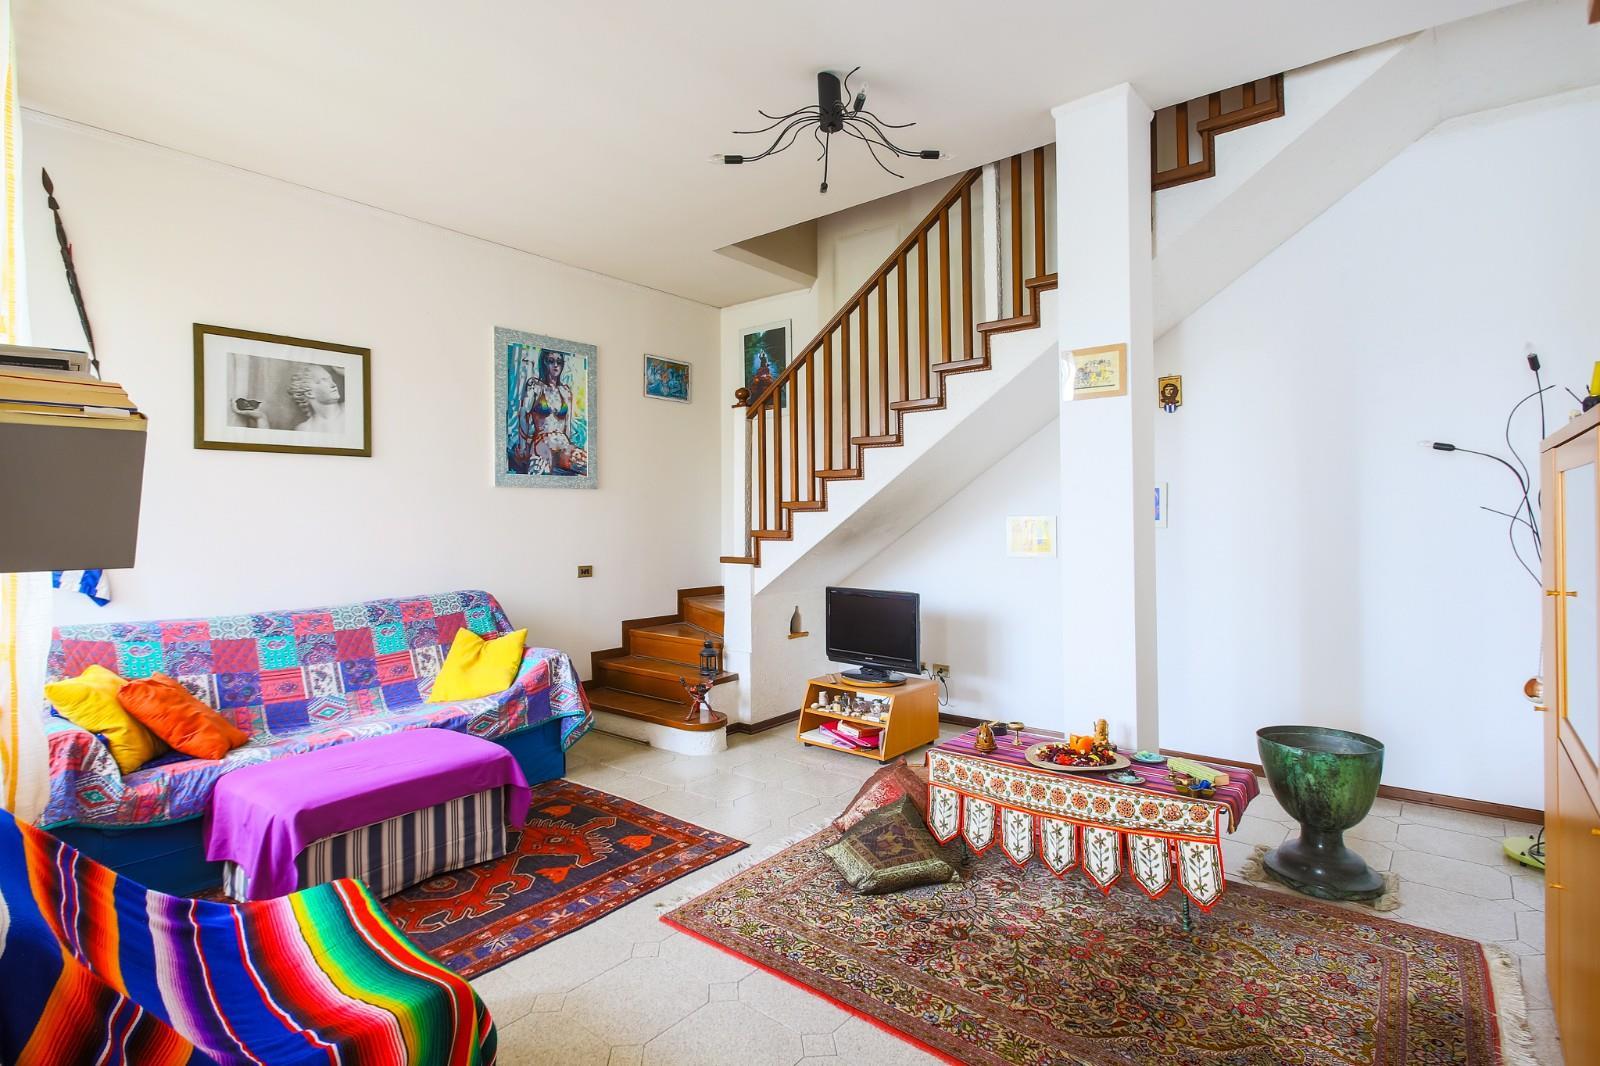 Foto 4 - Appartamento in Vendita - Verano Brianza (Monza e Brianza)